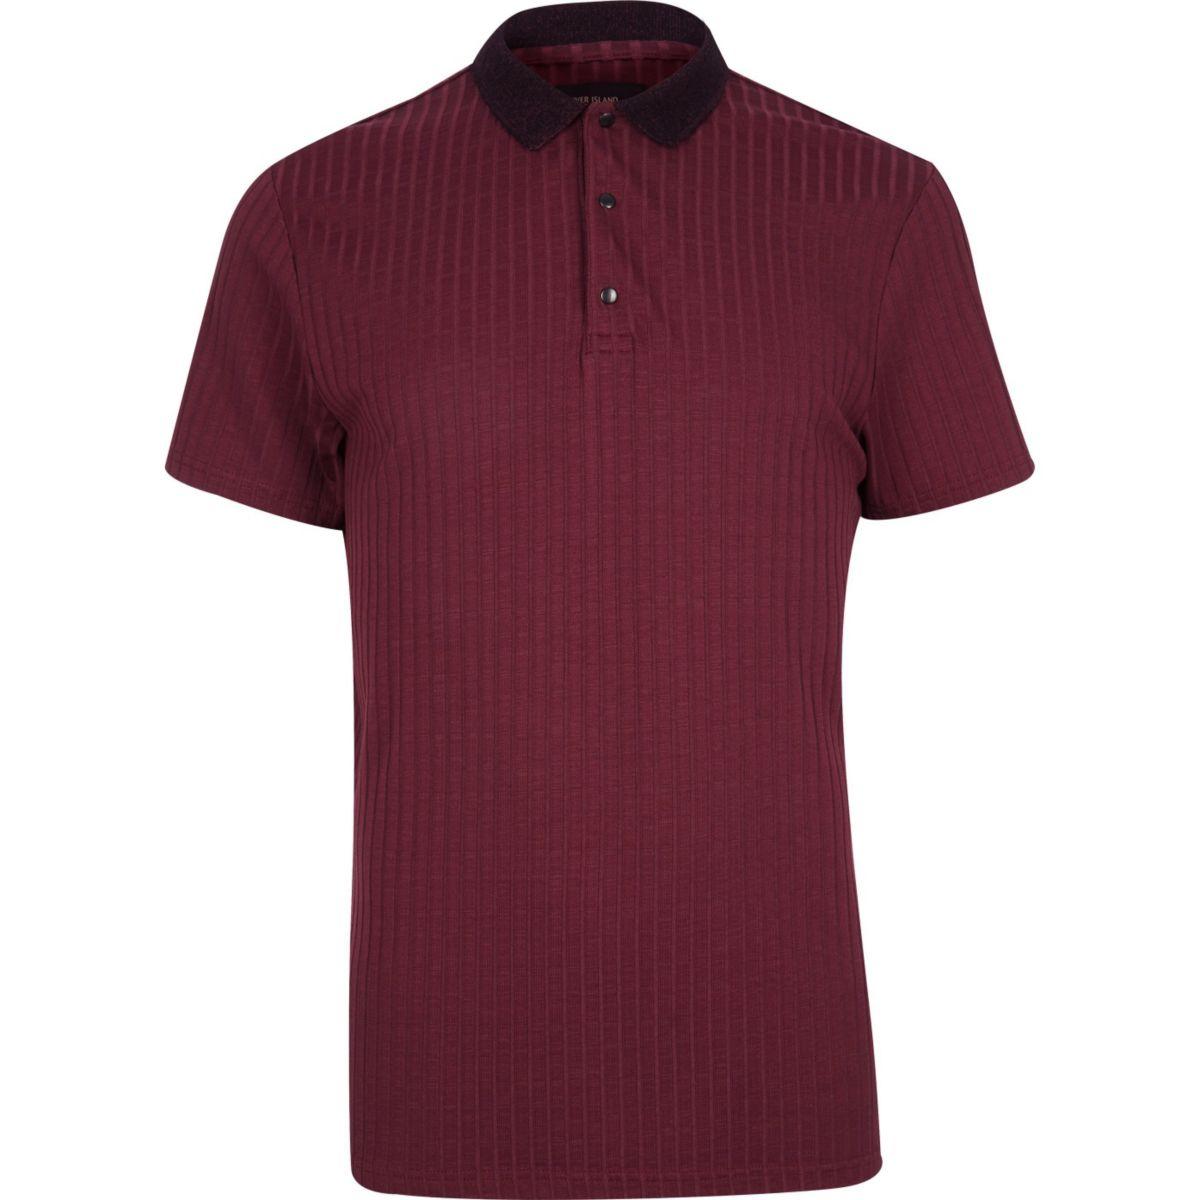 Burgundy ribbed polo shirt